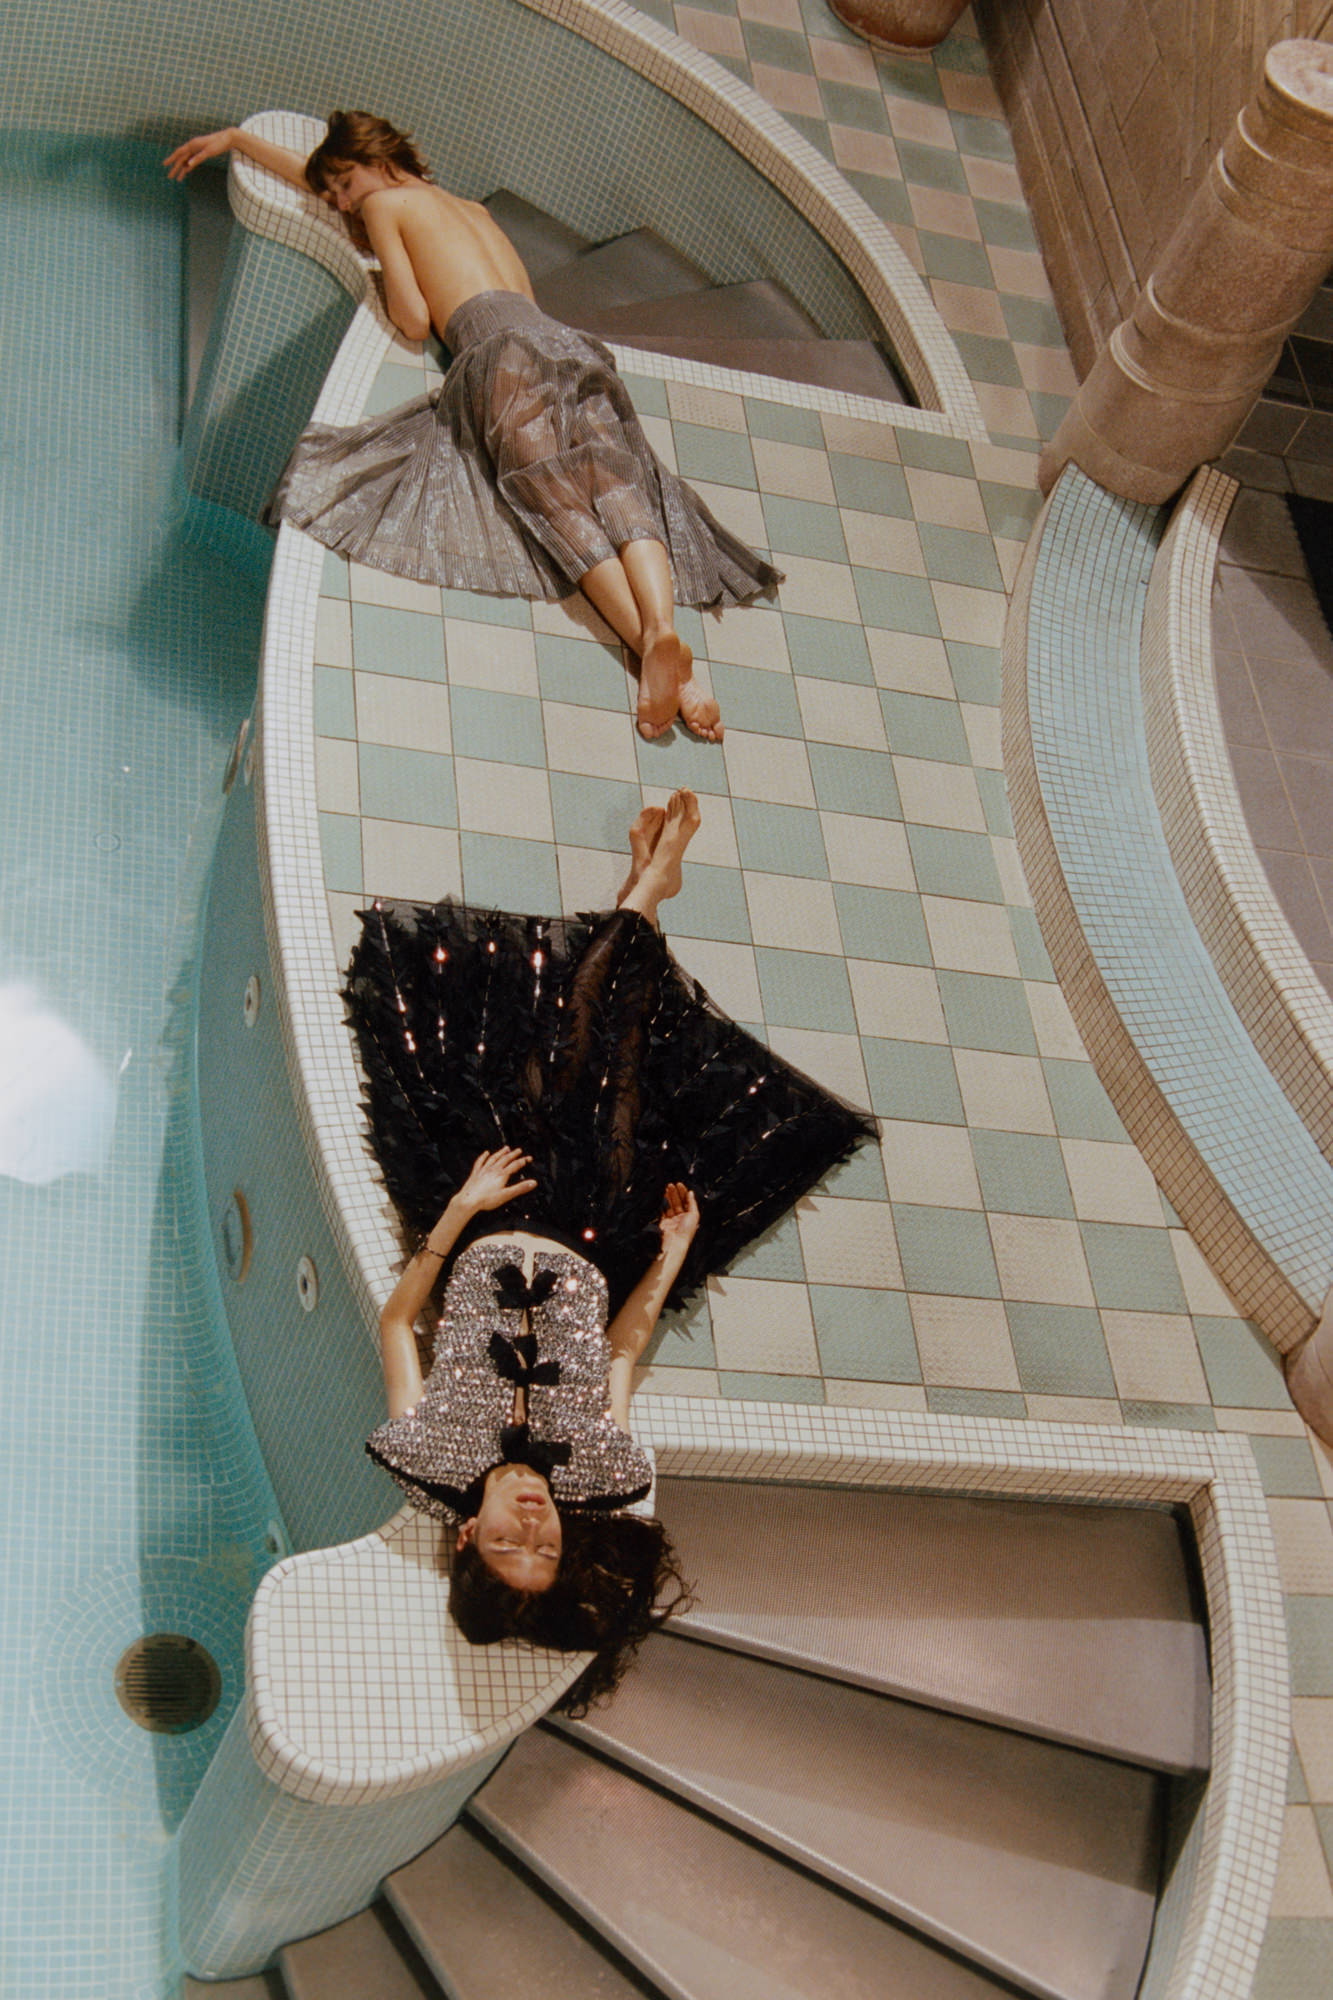 En haut: jupe en gaze de soie, CHANEL. En bas : haut brodé de Rhodoïd à nœuds en organza et jupe en tulle de soie brodé de sequins, CHANEL. Bracelet, EDDIE BORGO.